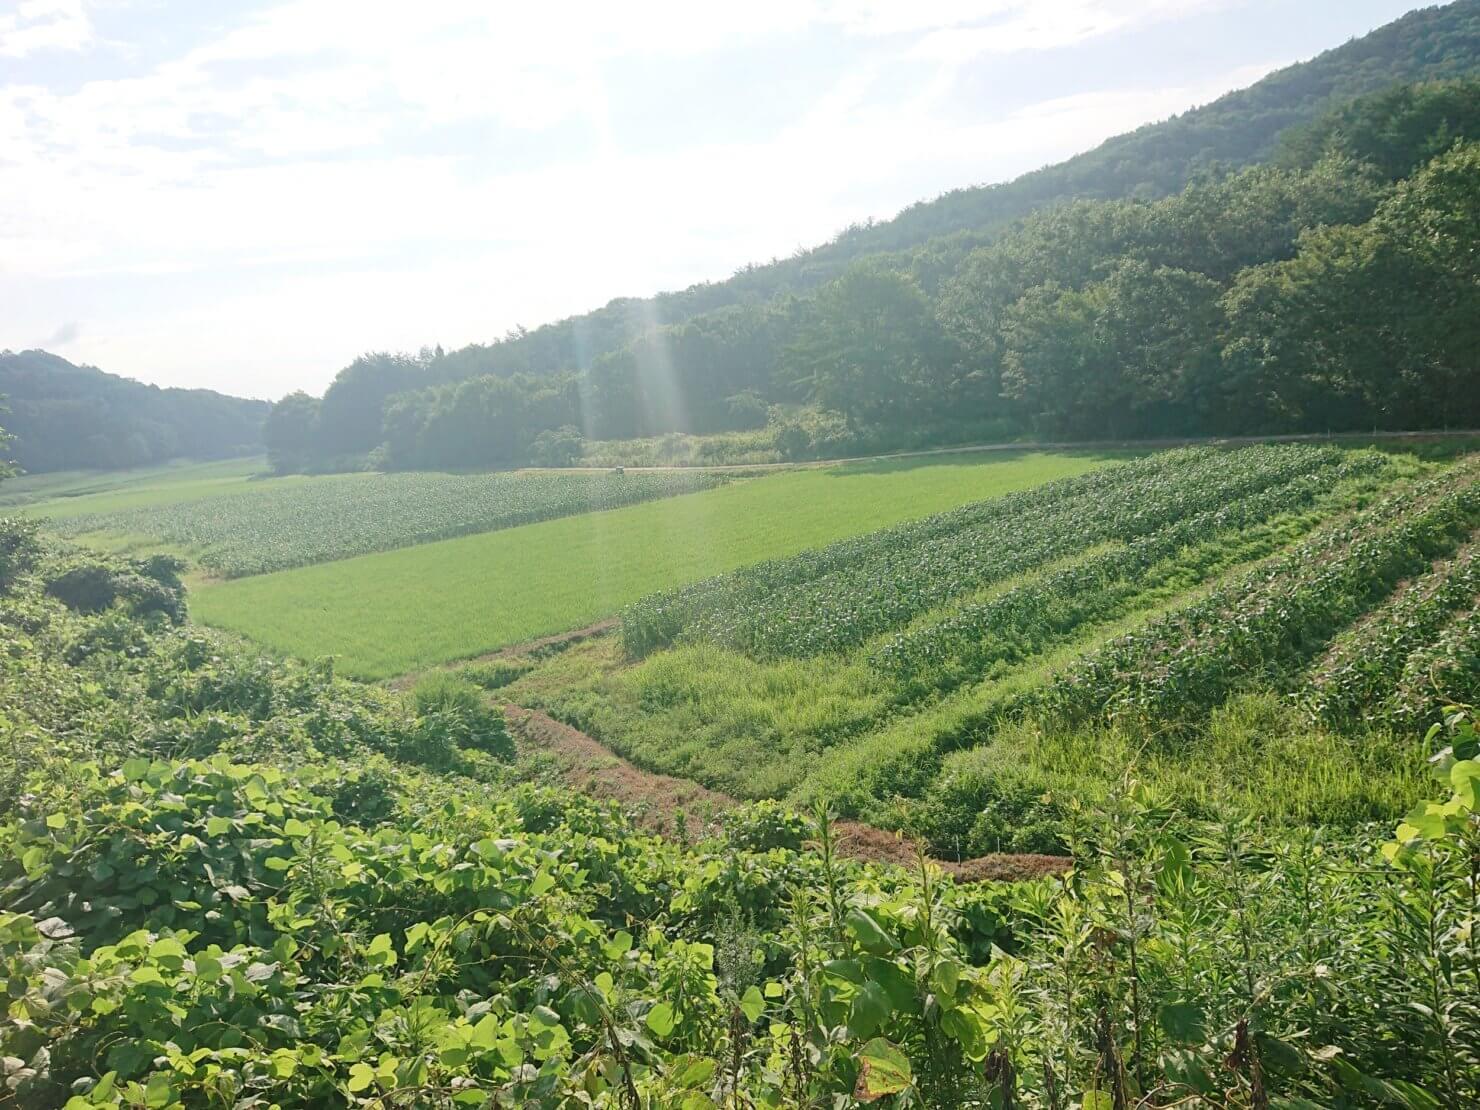 トウモロコシ畑 【収穫直前】収穫が楽しみ 20年7月22日